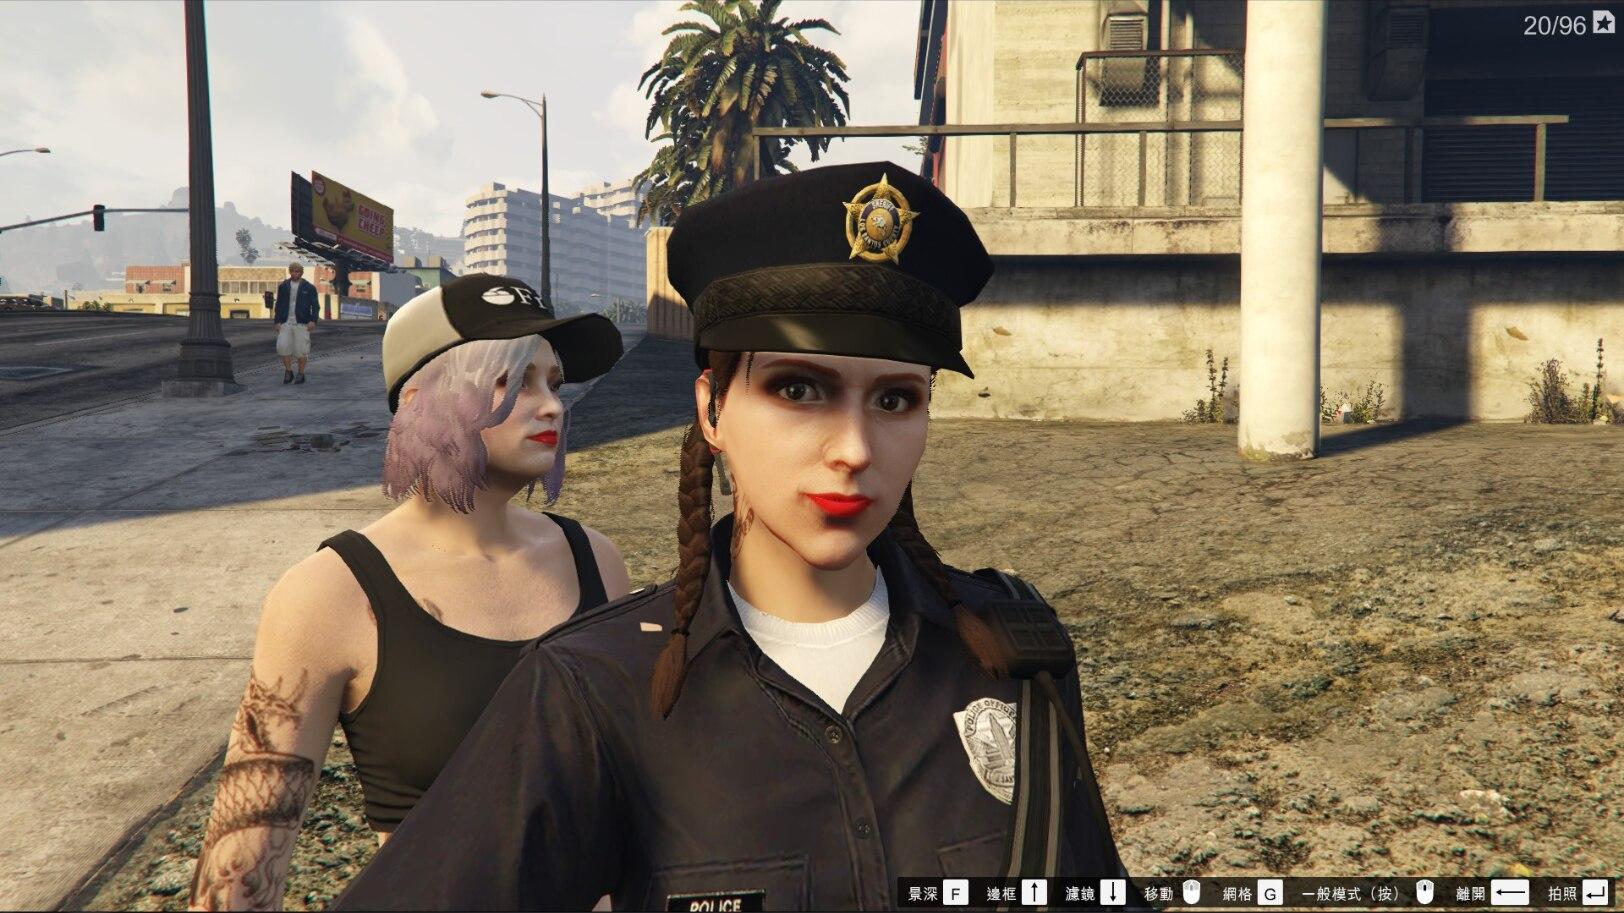 【捏脸】GTA5女角色捏脸数据插图(1)